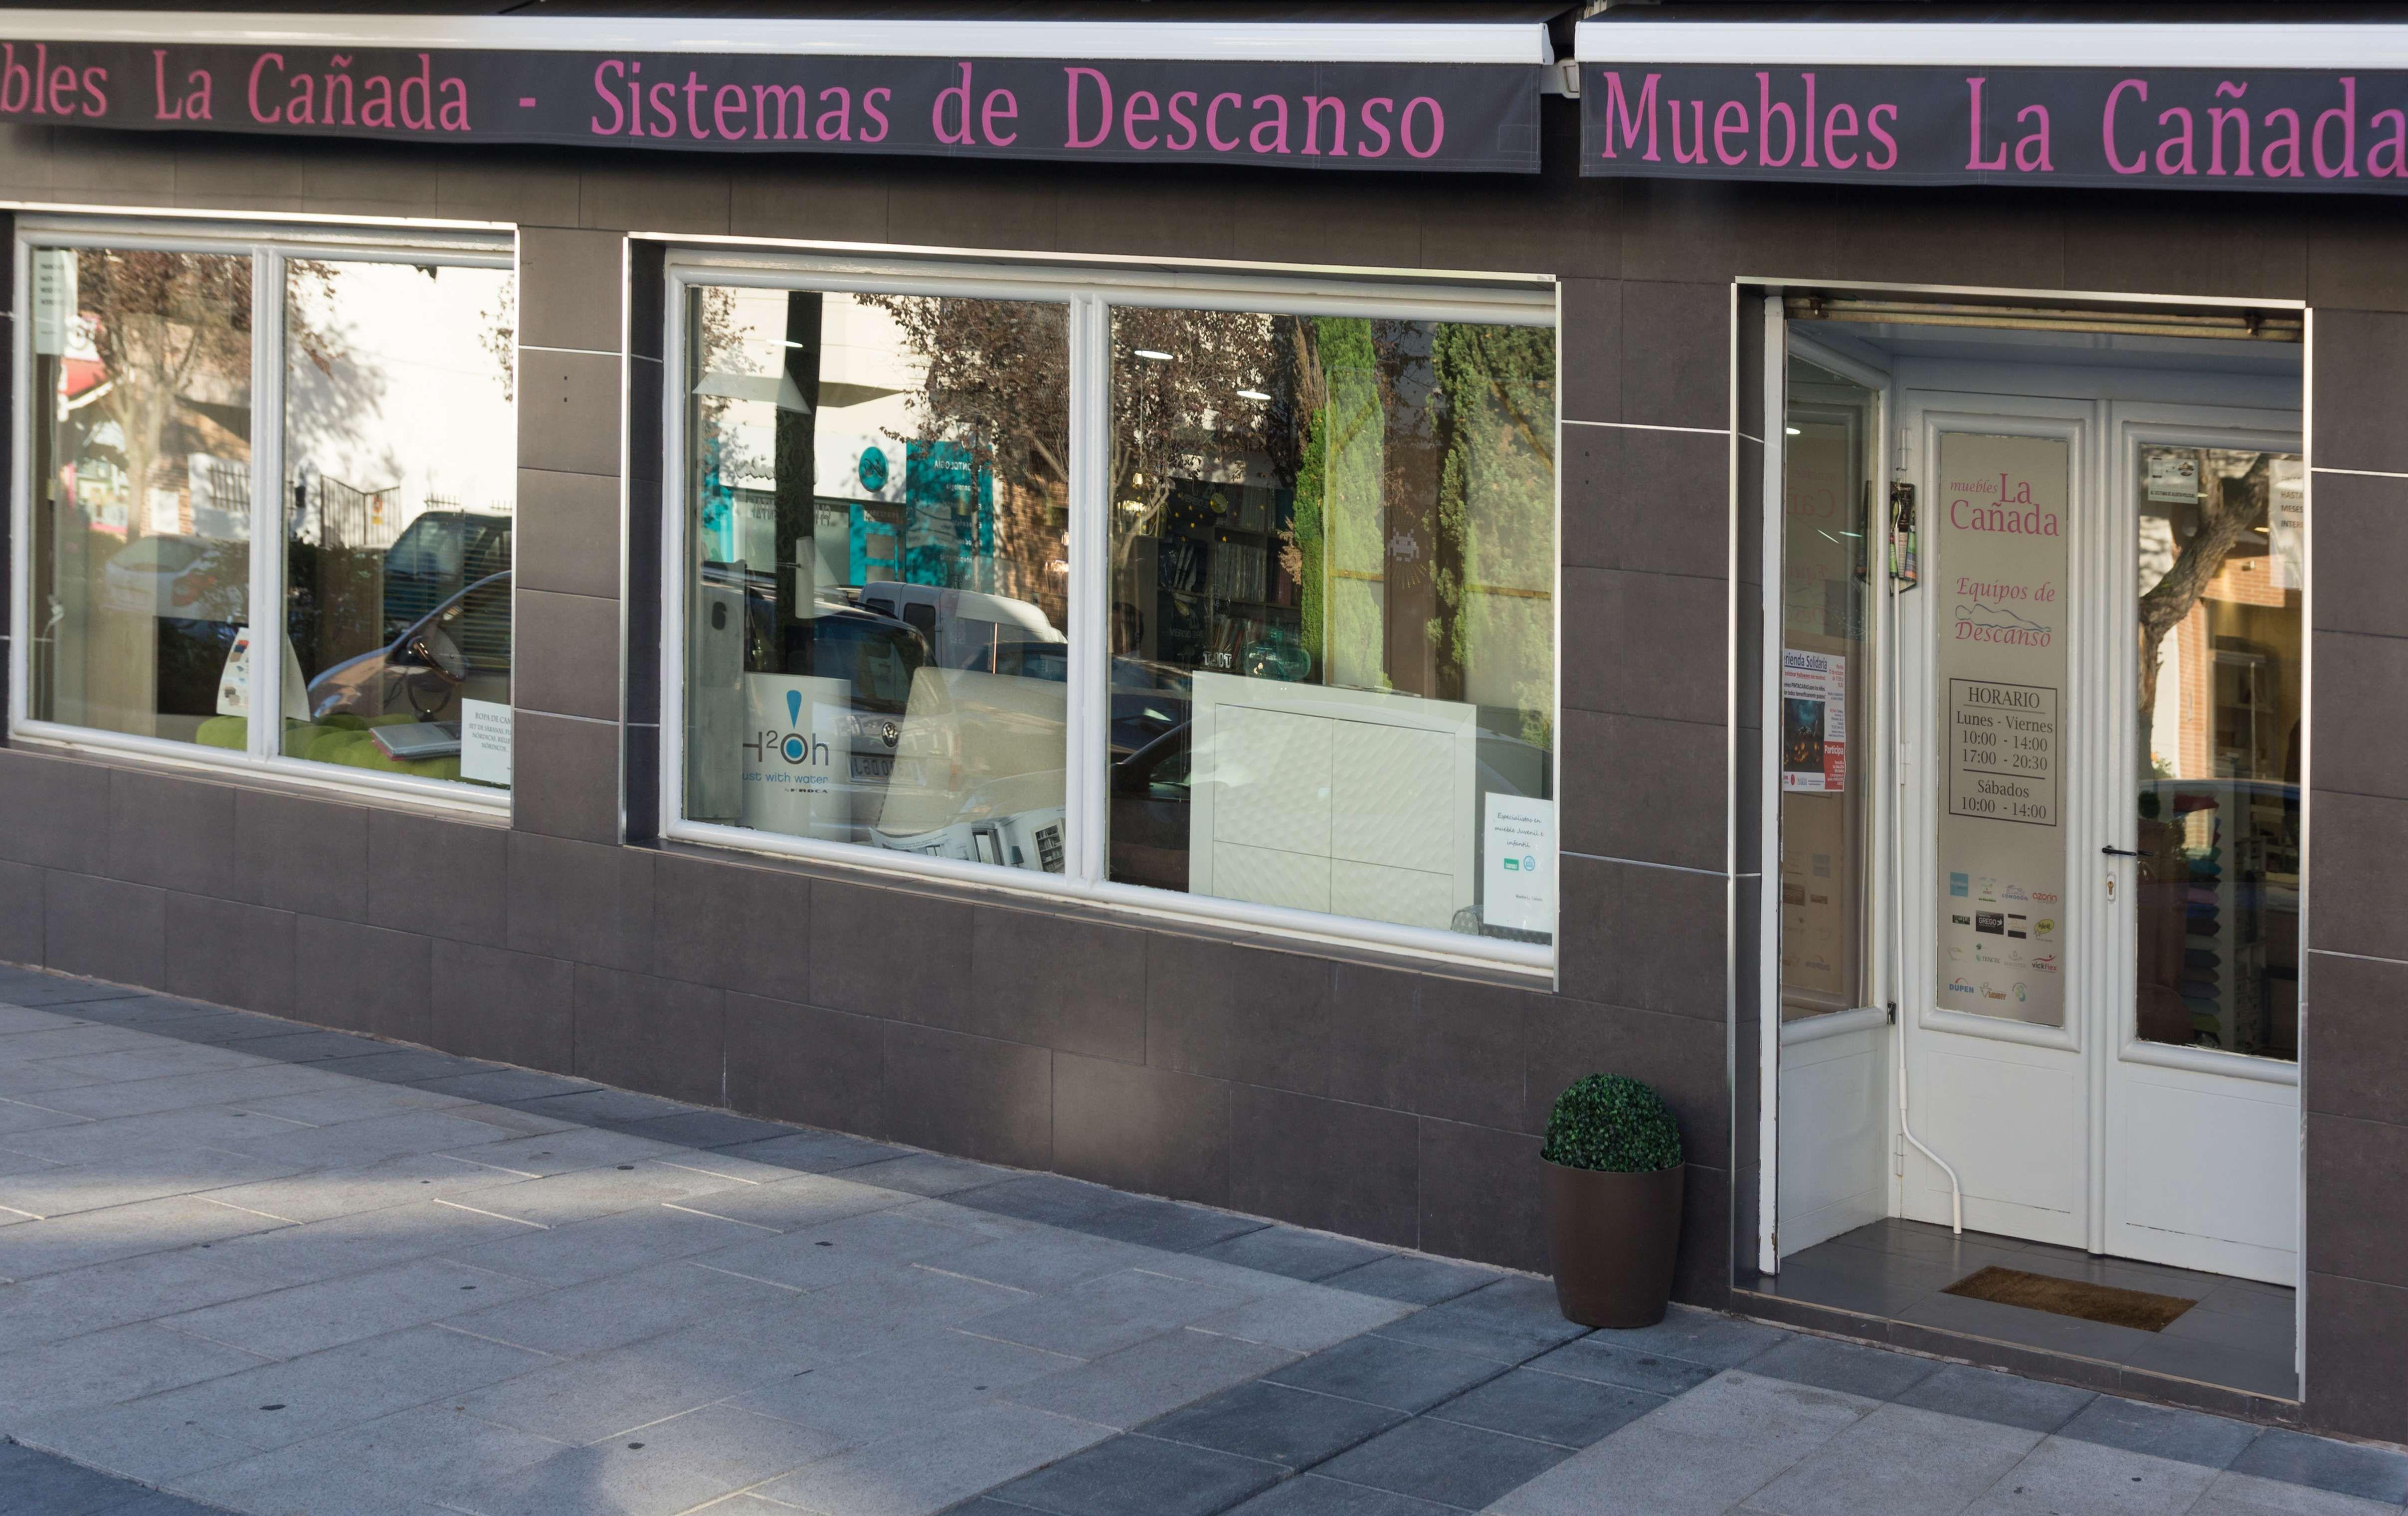 Foto 32 de Especialistas en descanso en Villanueva de la Cañada | Muebles La Cañada